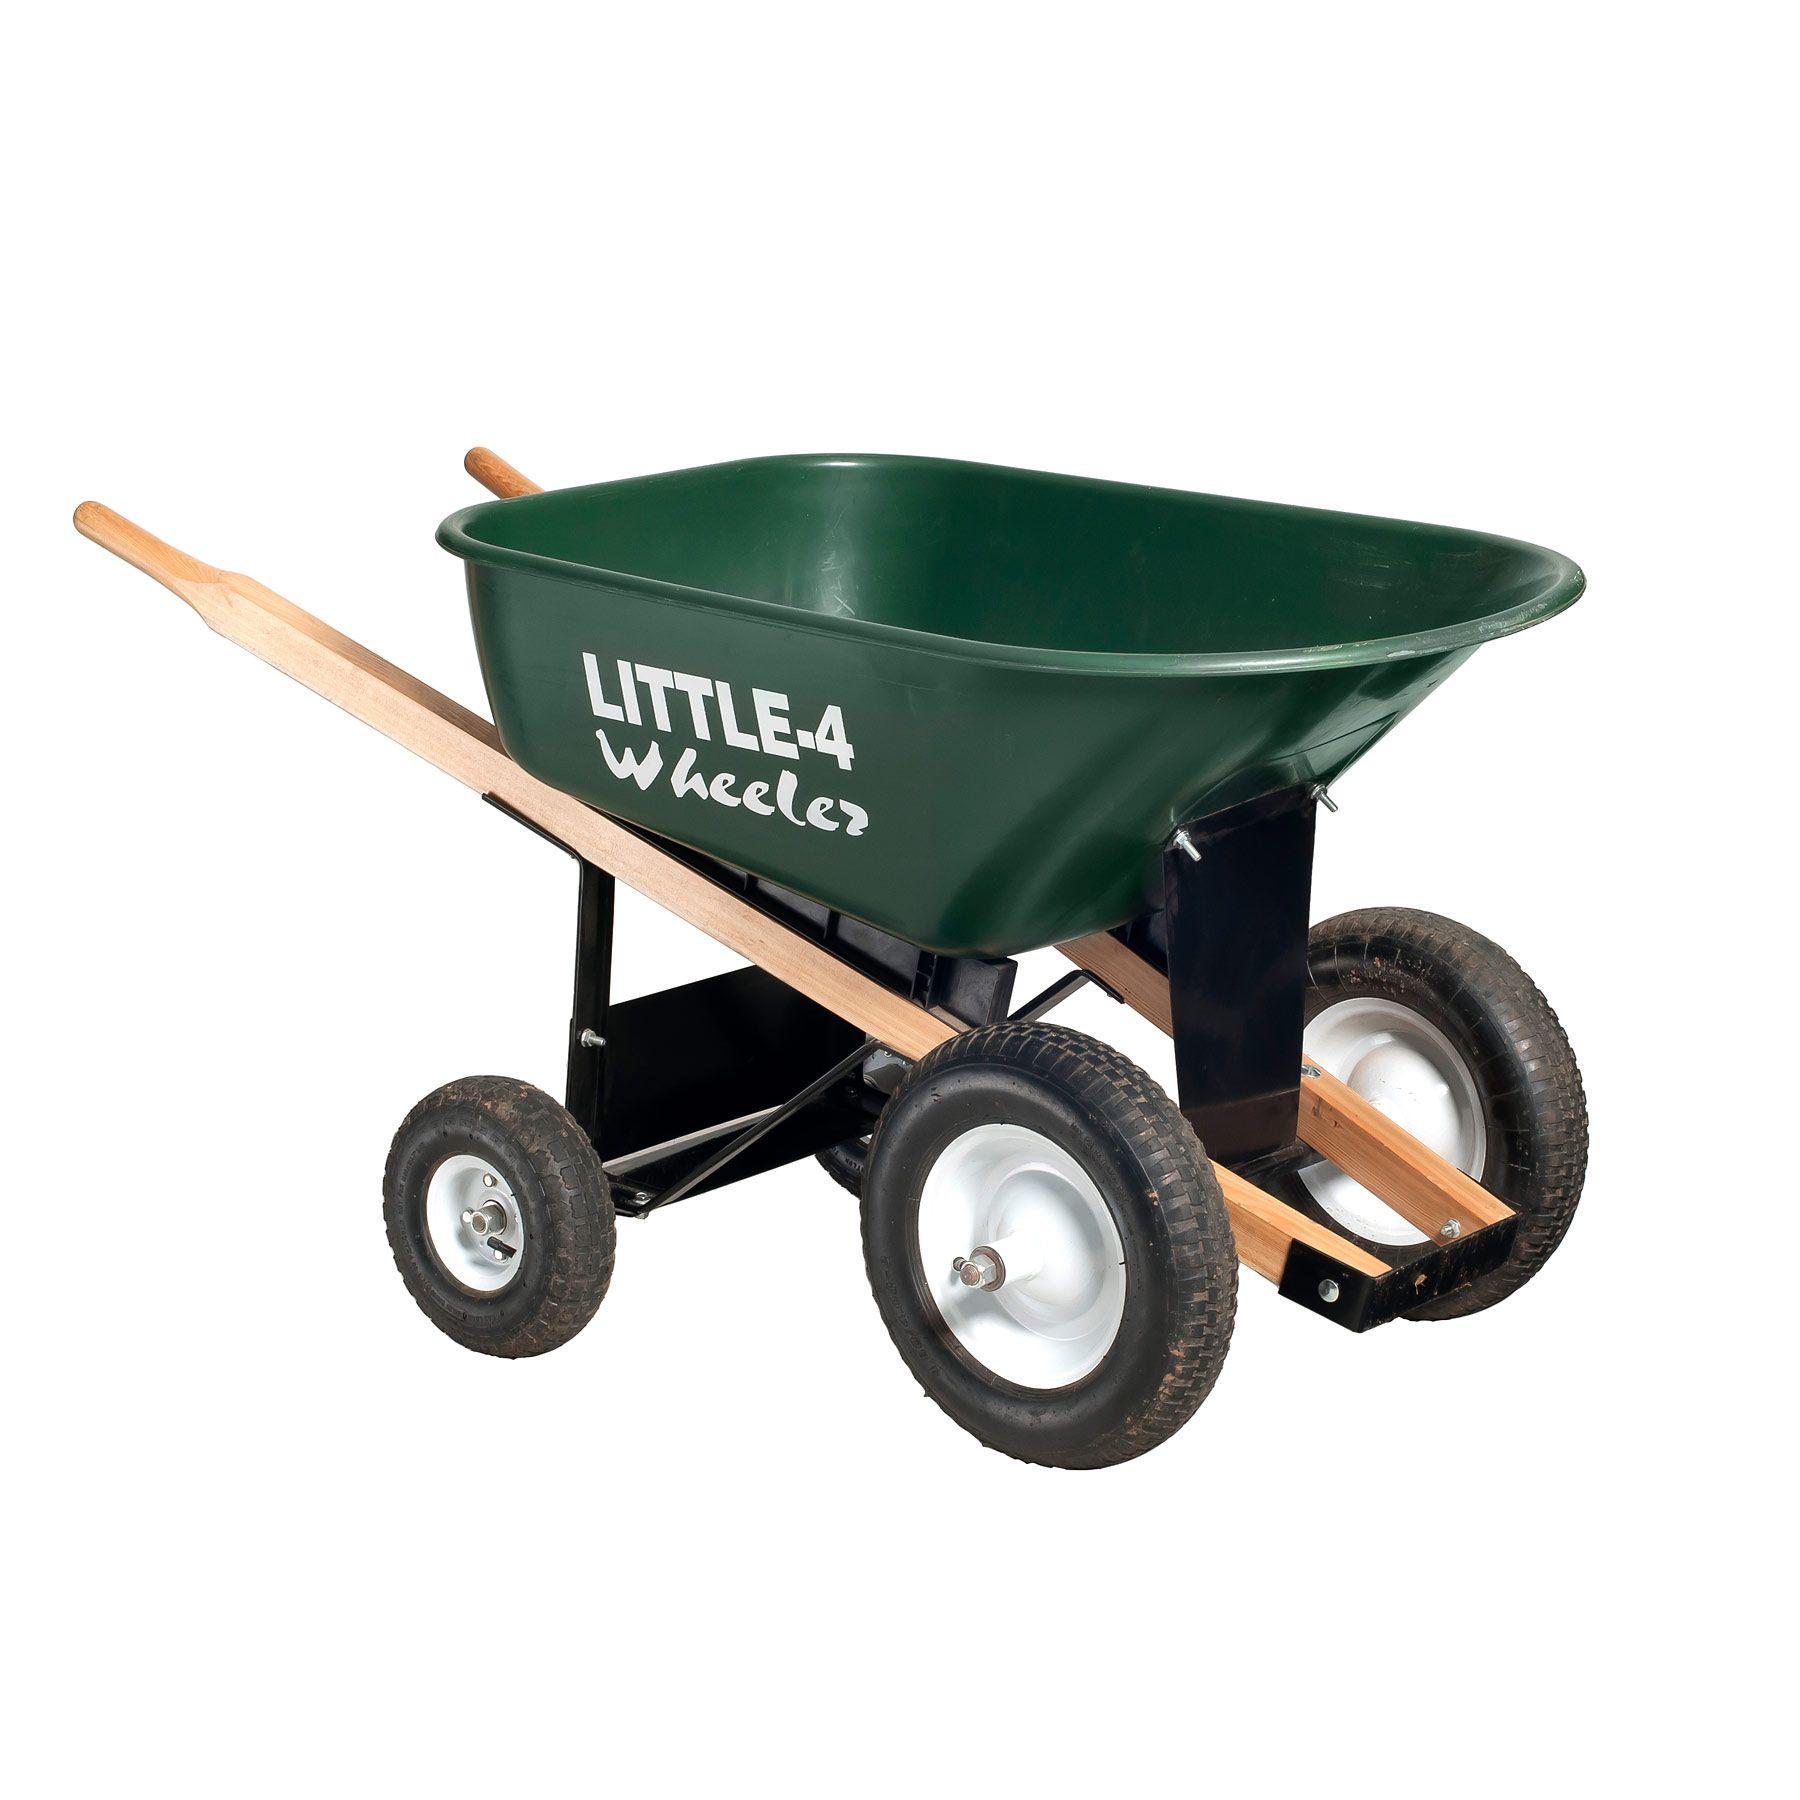 Wheelbarrows Shop For Garden Carts And More At Sears